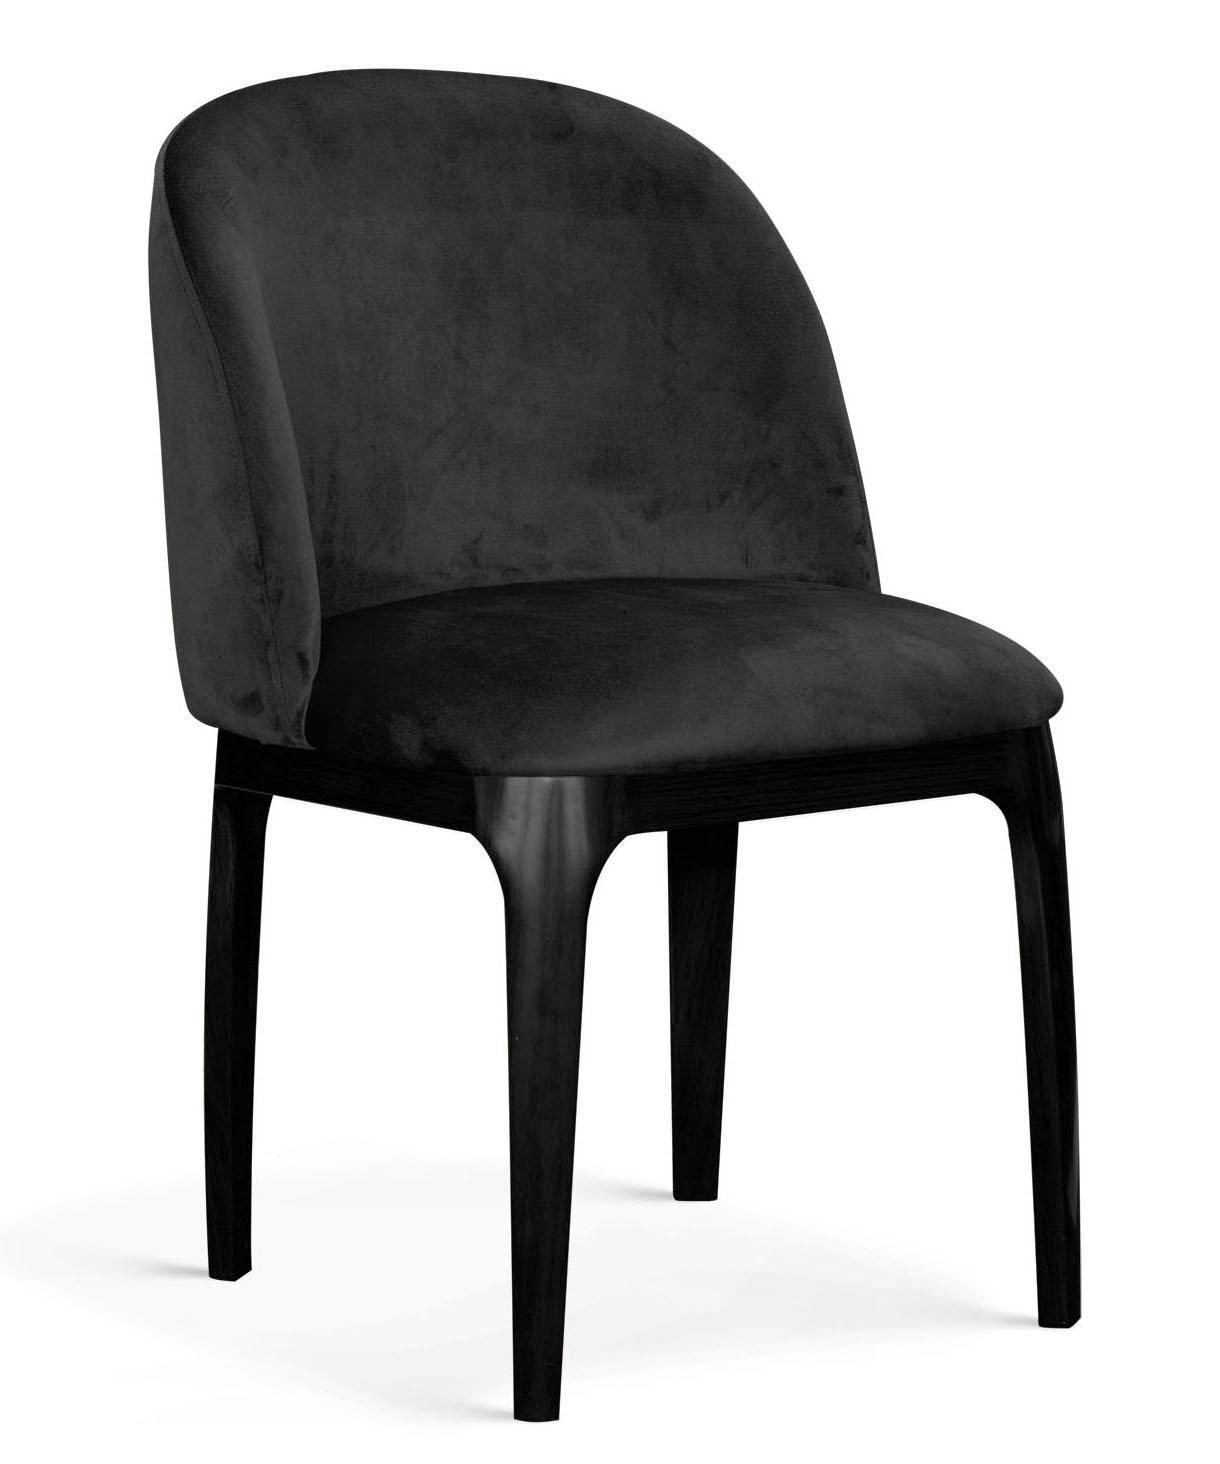 Scaun tapitat cu stofa, cu picioare metalice Grace Negru, l53xA56xH83 cm